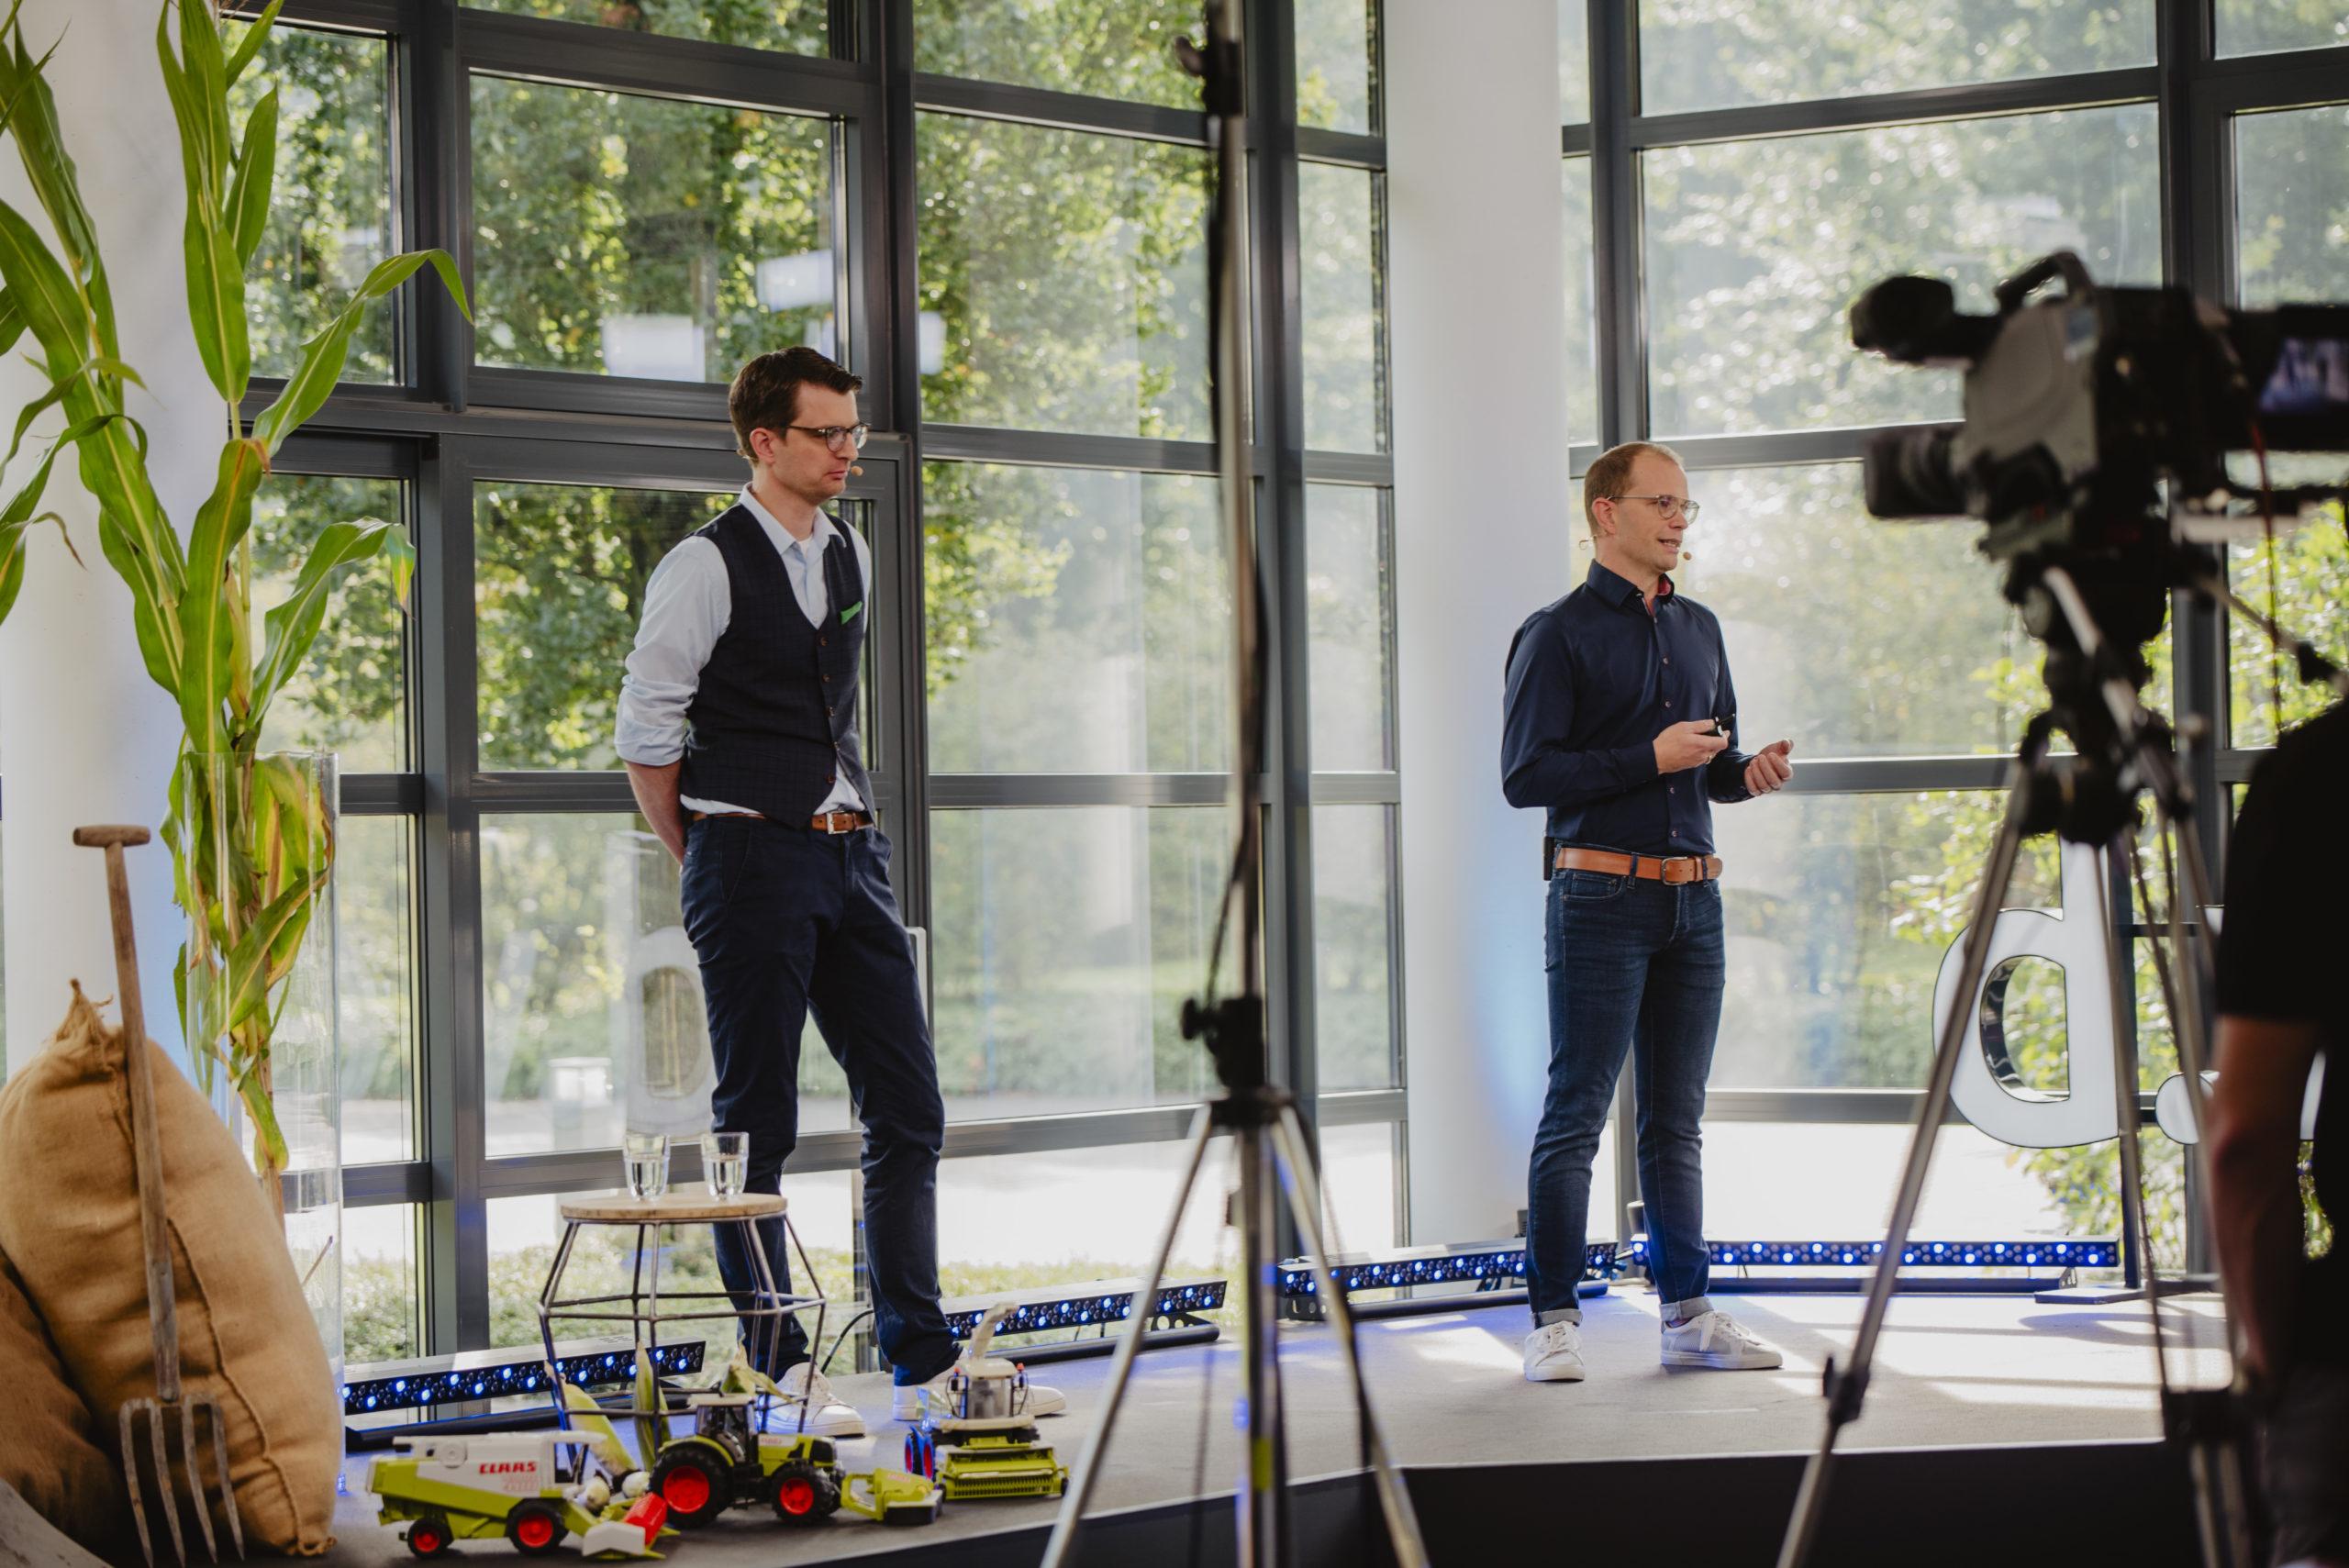 Matthias Wessel (links) berichtet mit dem d.velop-Experten Sven Sicking-Röttger wie AGRAVIS jährlich 1 Mio. Rechnungen digital verarbeitet